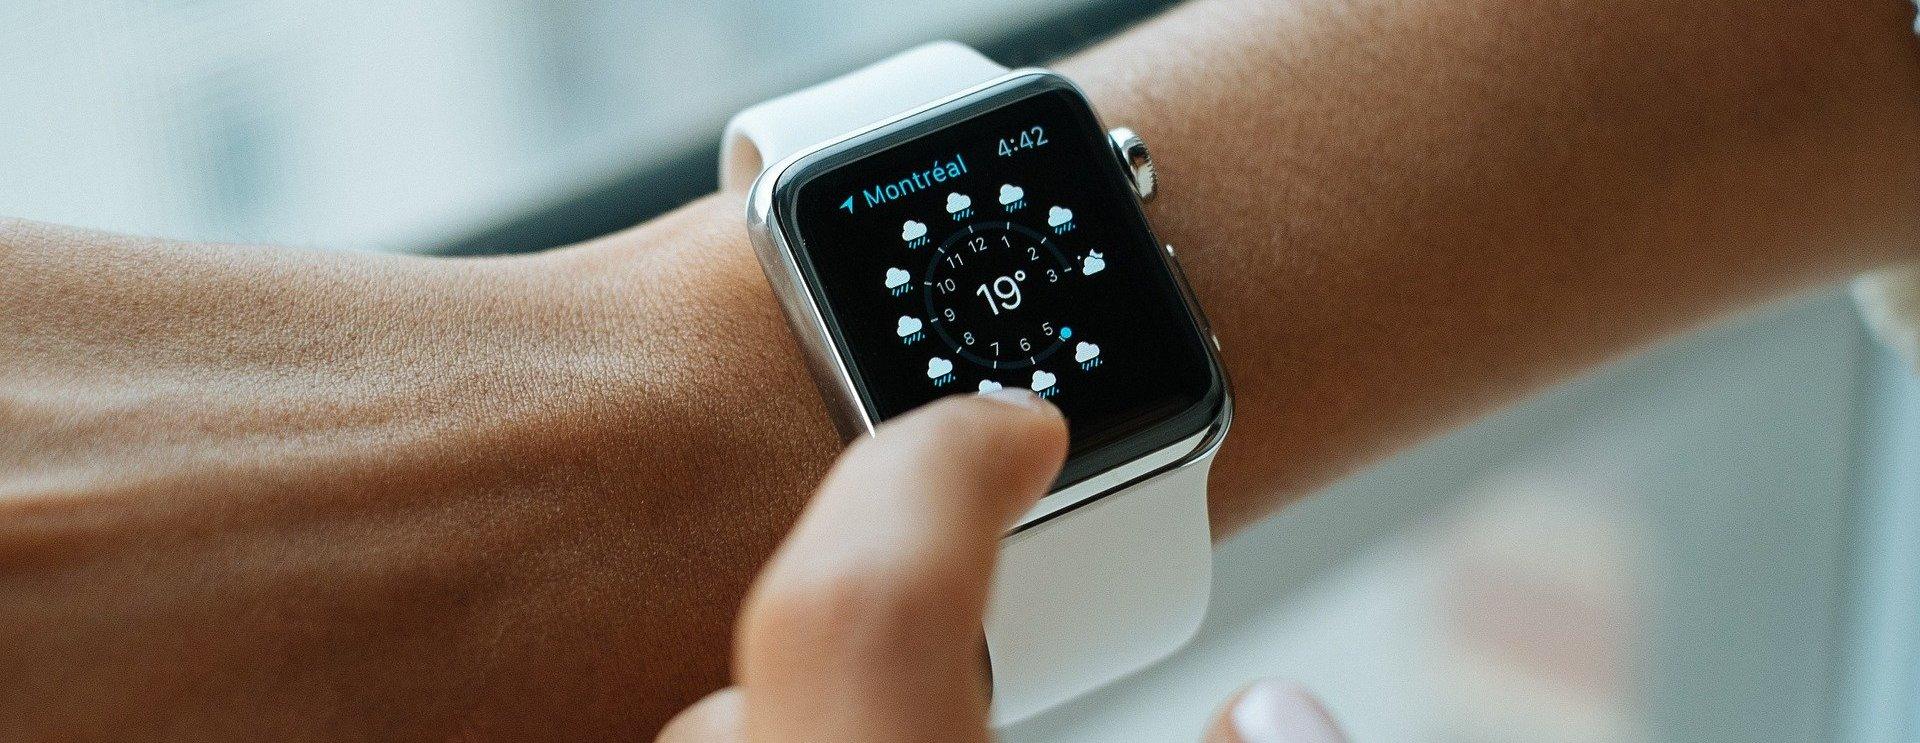 Компания «Aimoto Кнопка жизни» выпустила для детей и пожилых новую модель часов для экстренной помощи